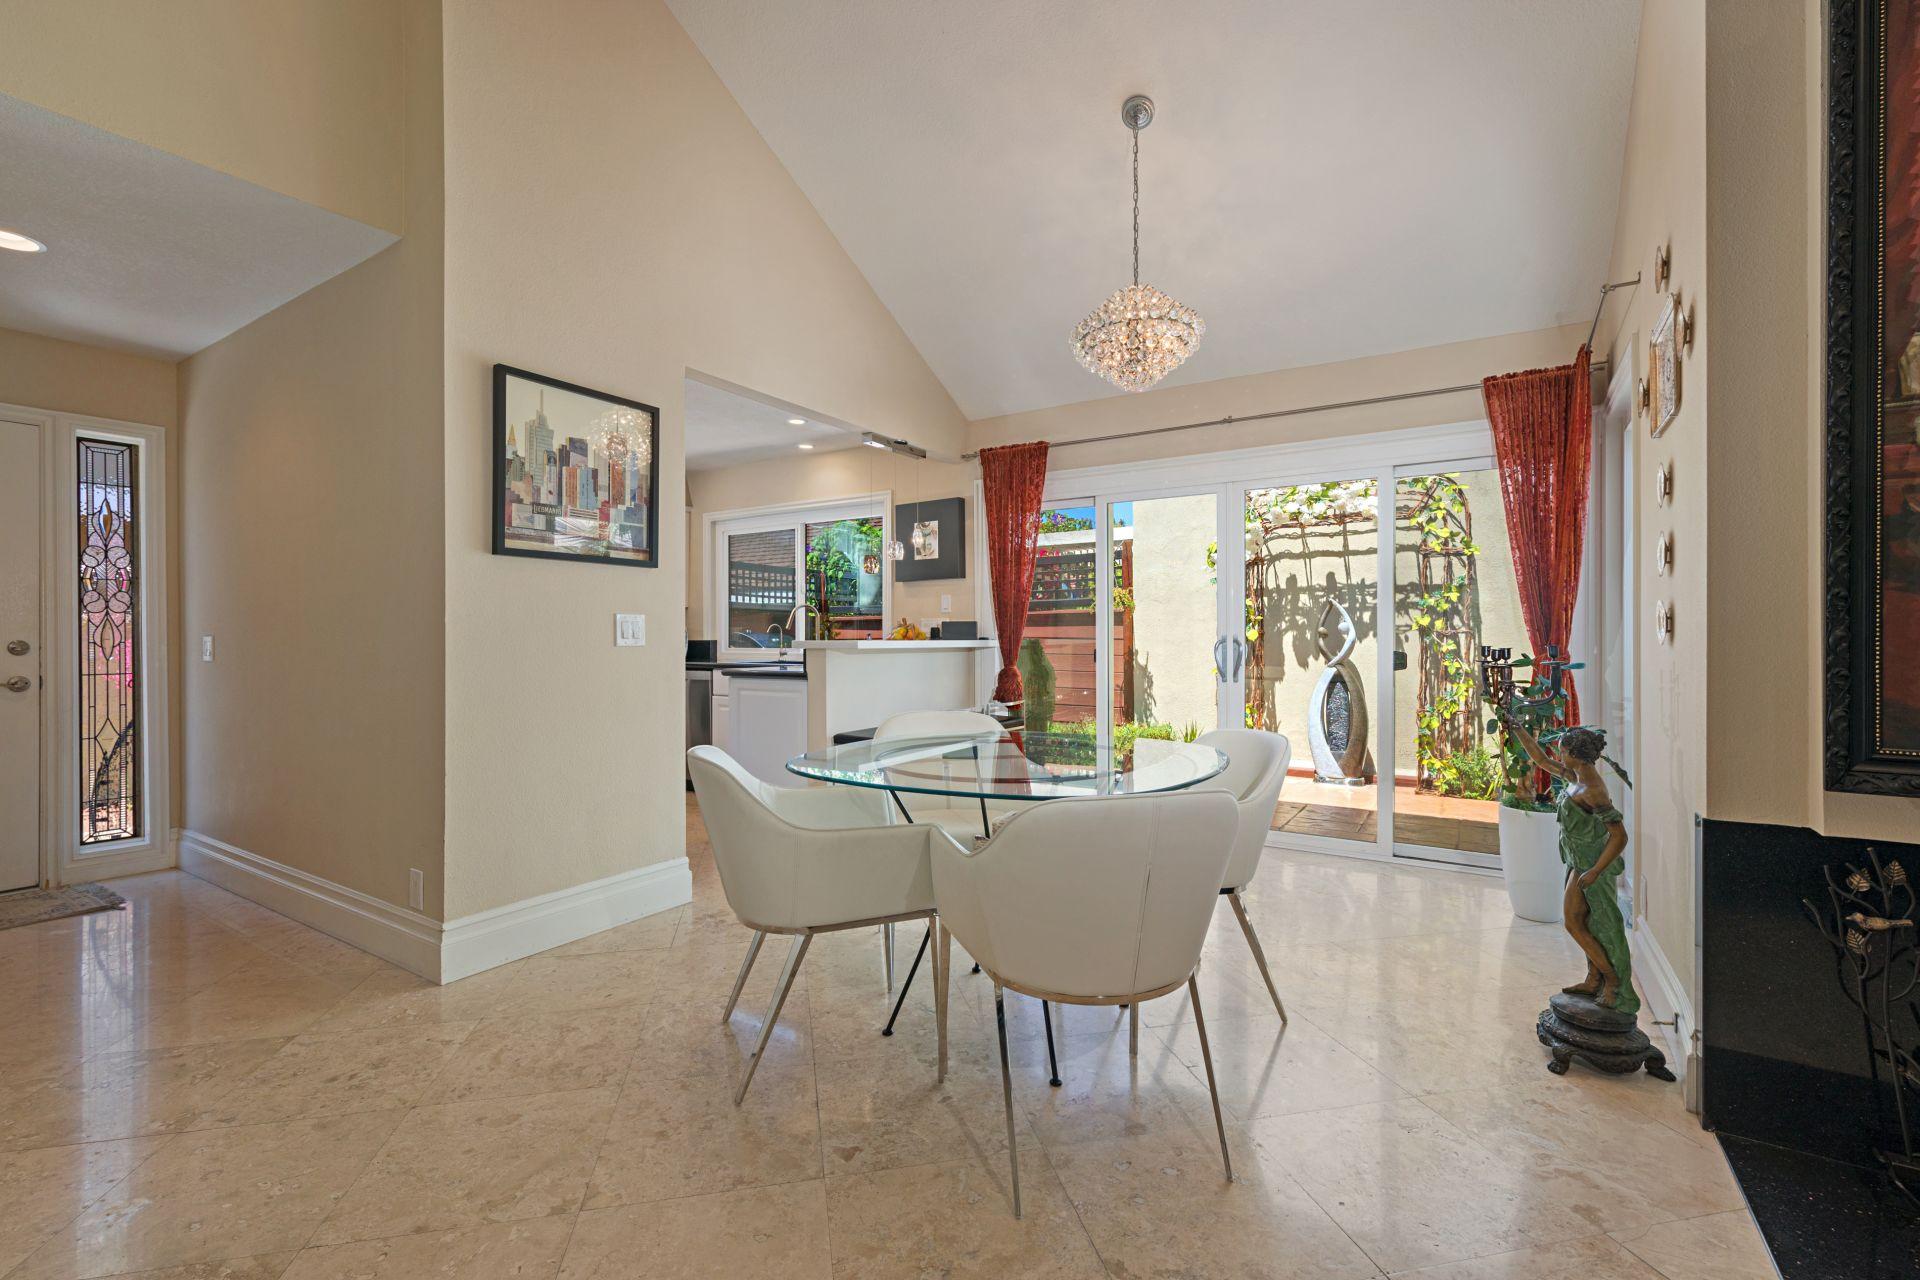 Sold in Irvine